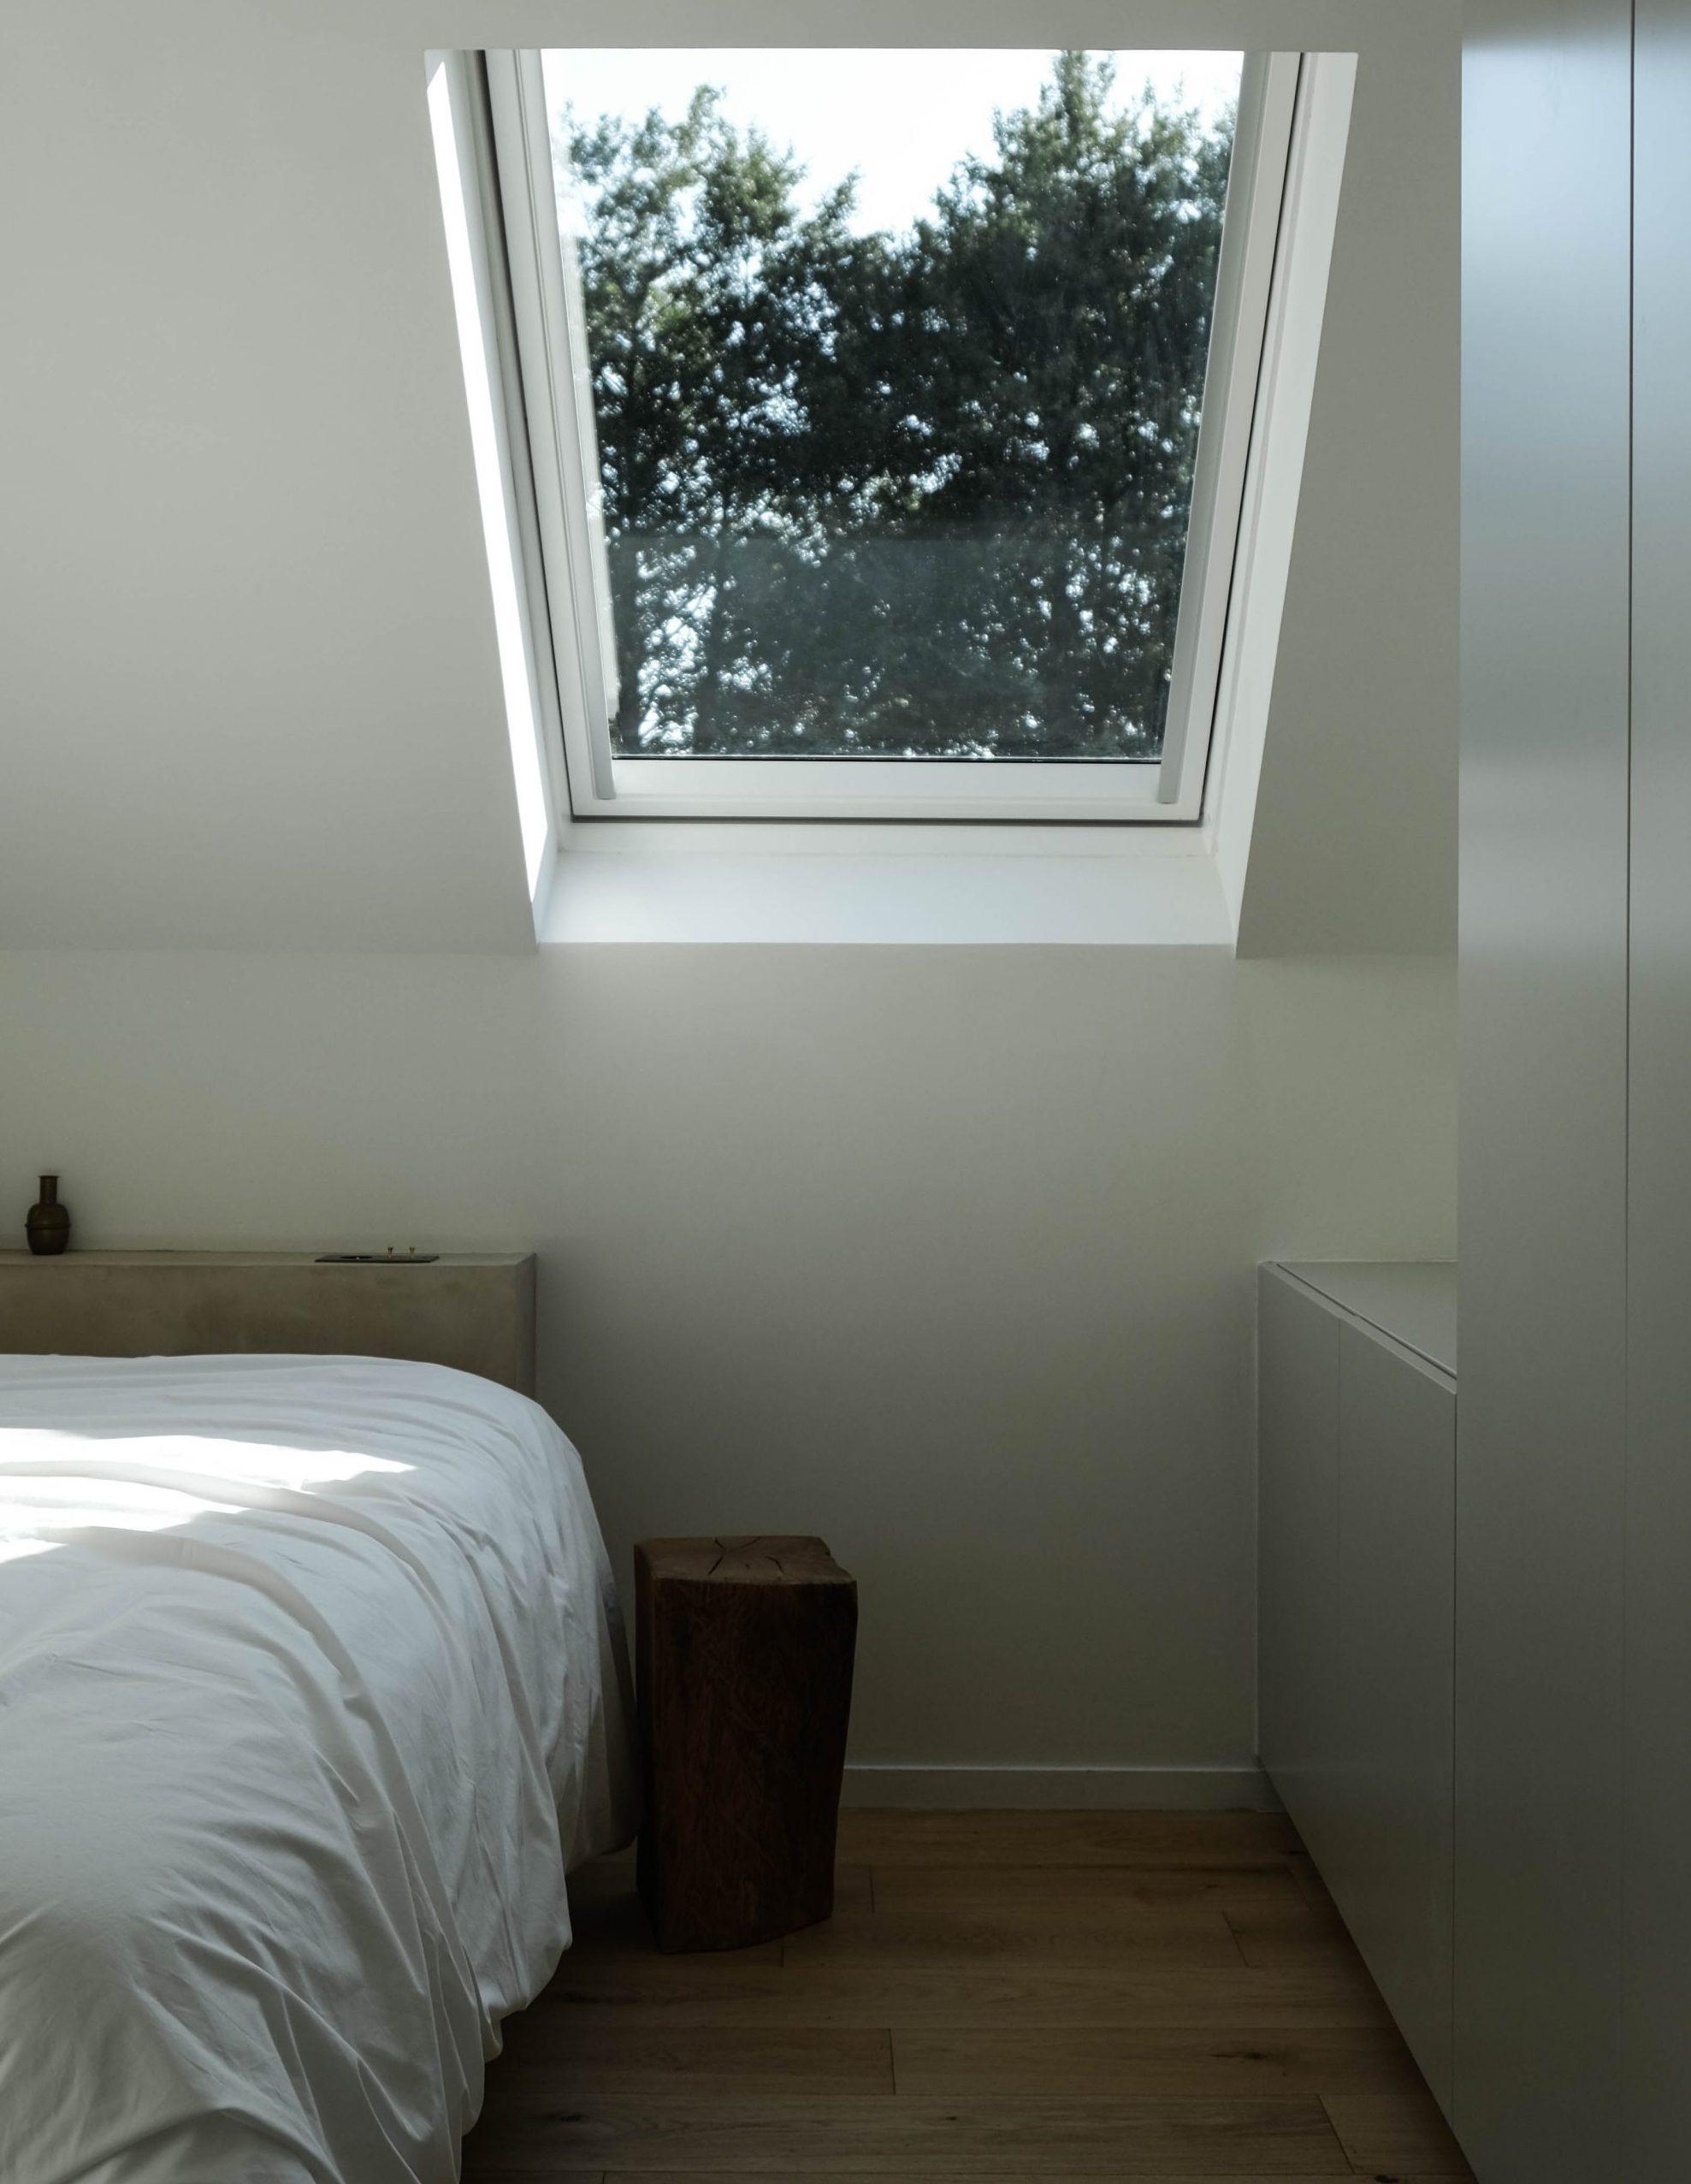 La lumière du jour apporte une atmosphère douce et apaisante à cette chambre sous combles.